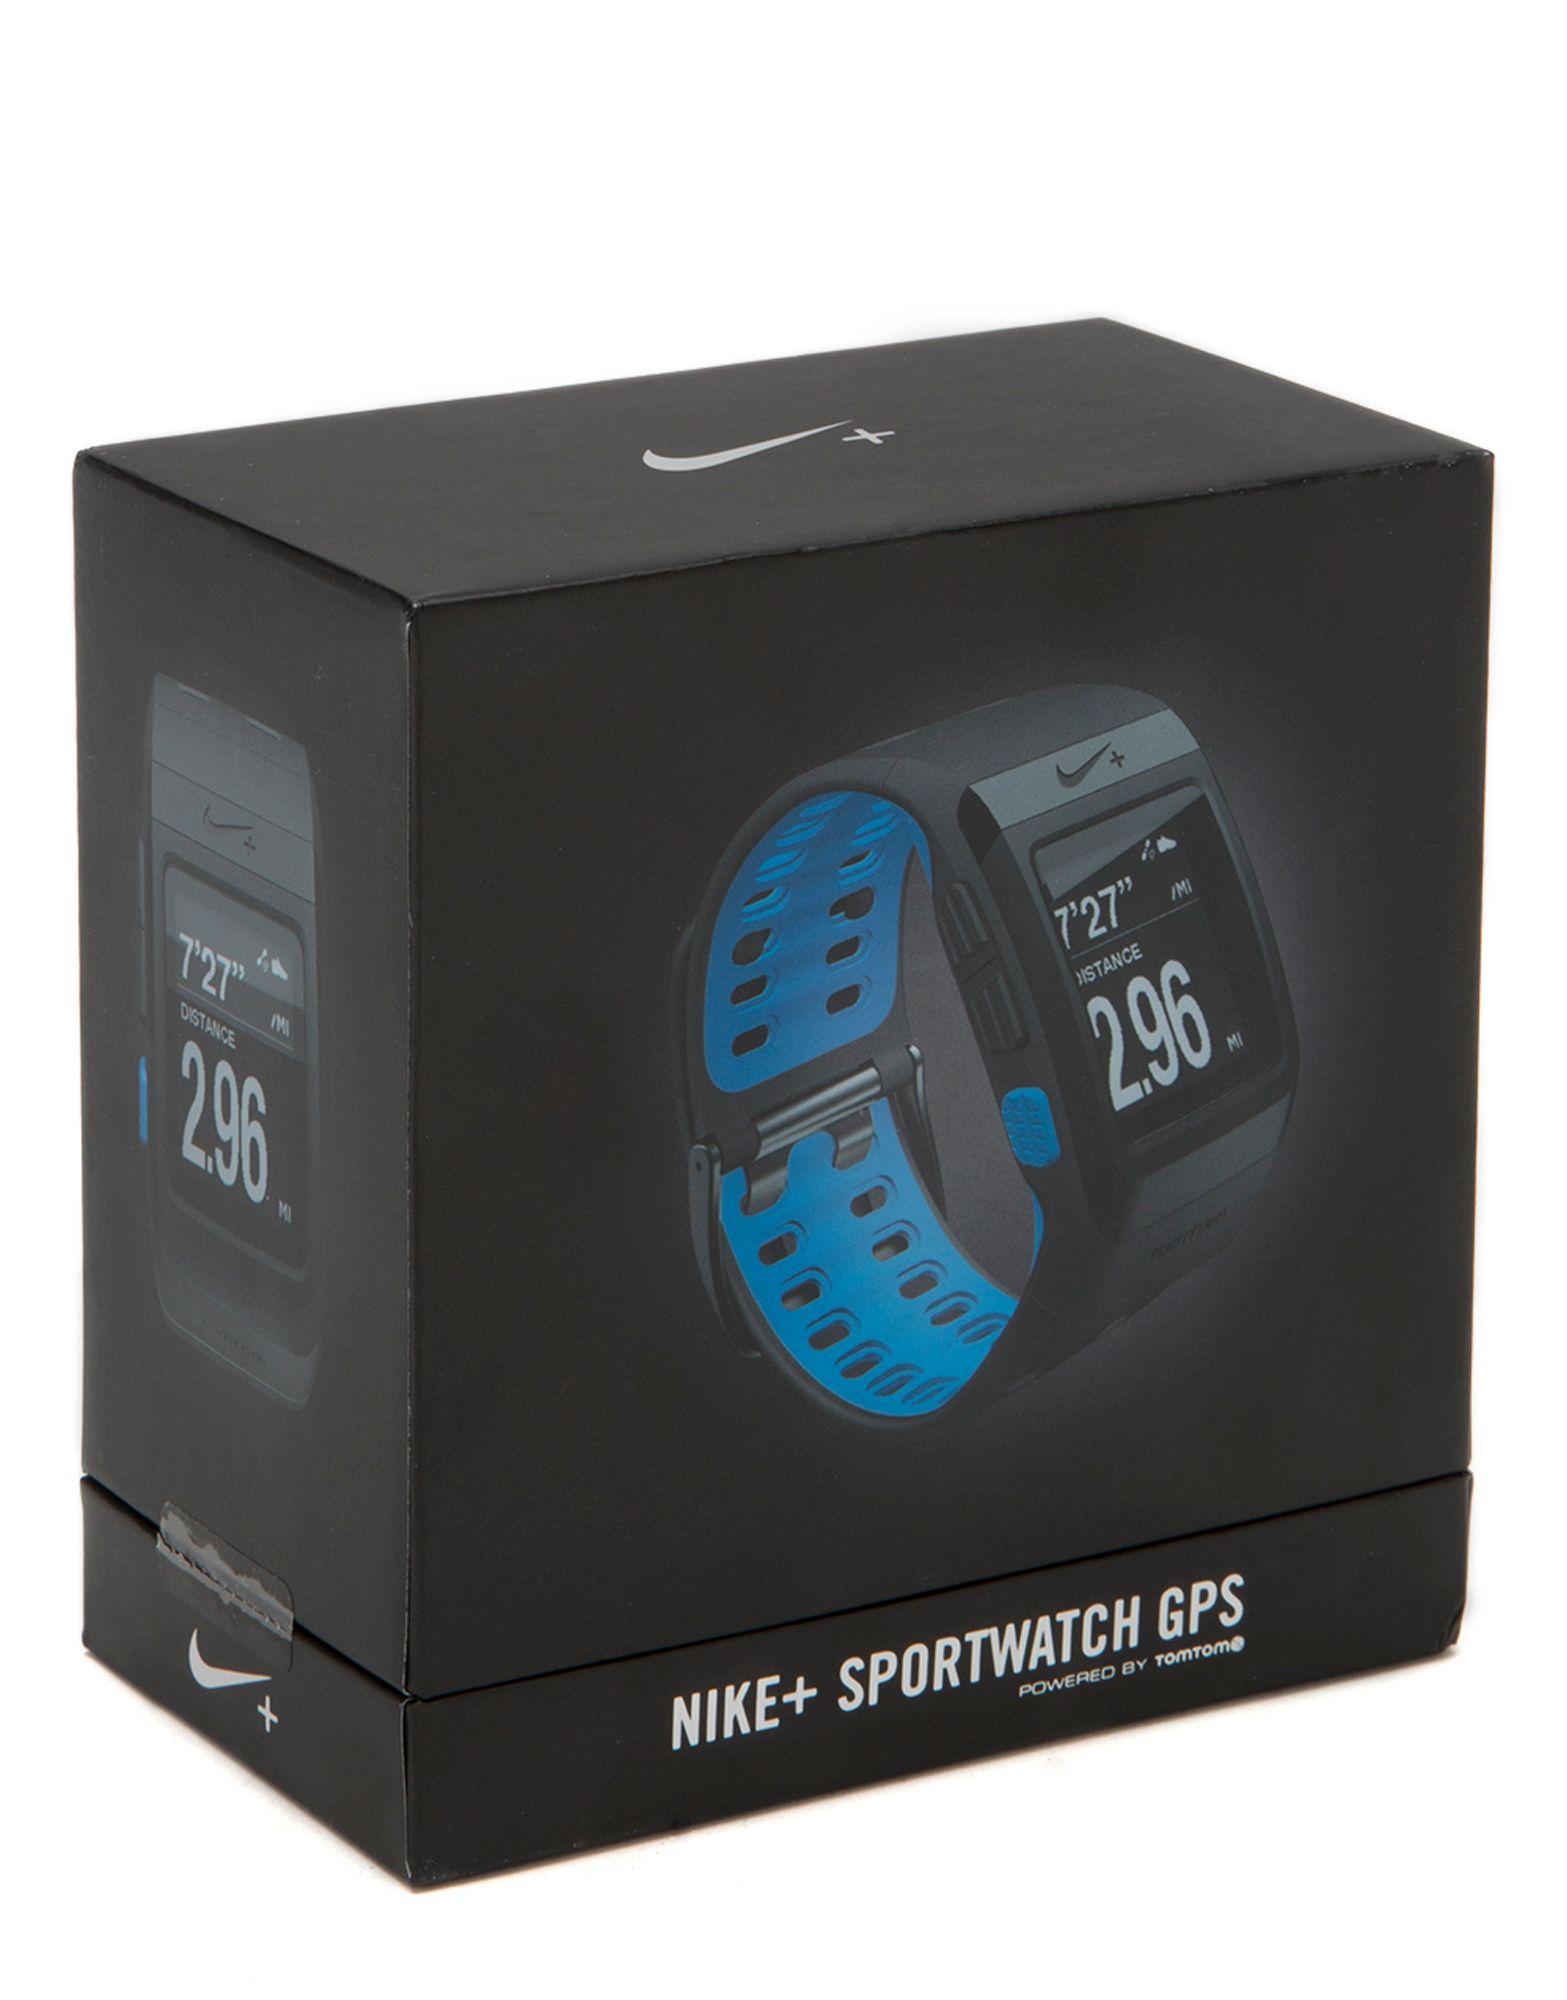 Nike SportWatch+ GPS